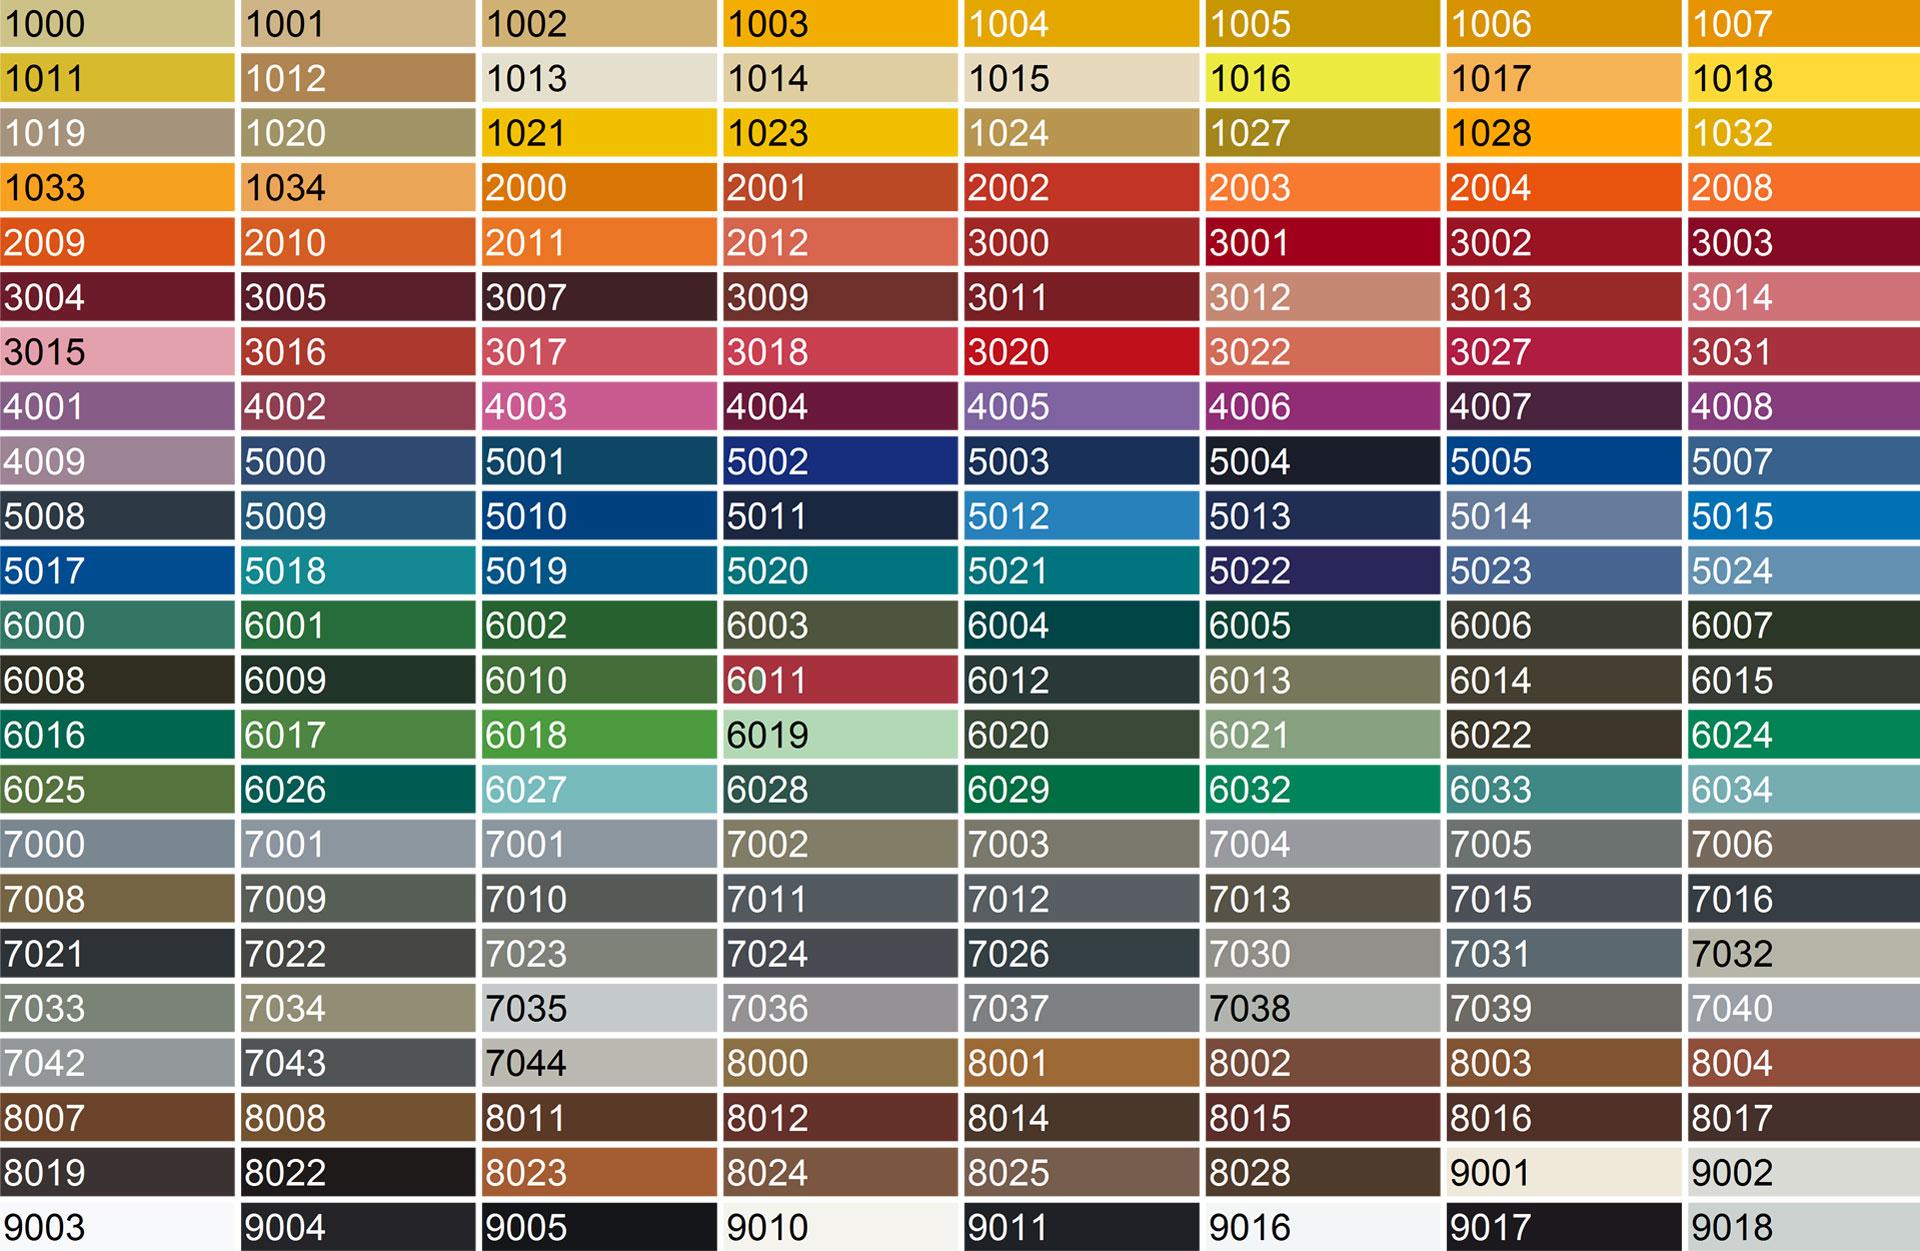 Таблица цветов RAL для крыши из металлочерепицы эконом-класса